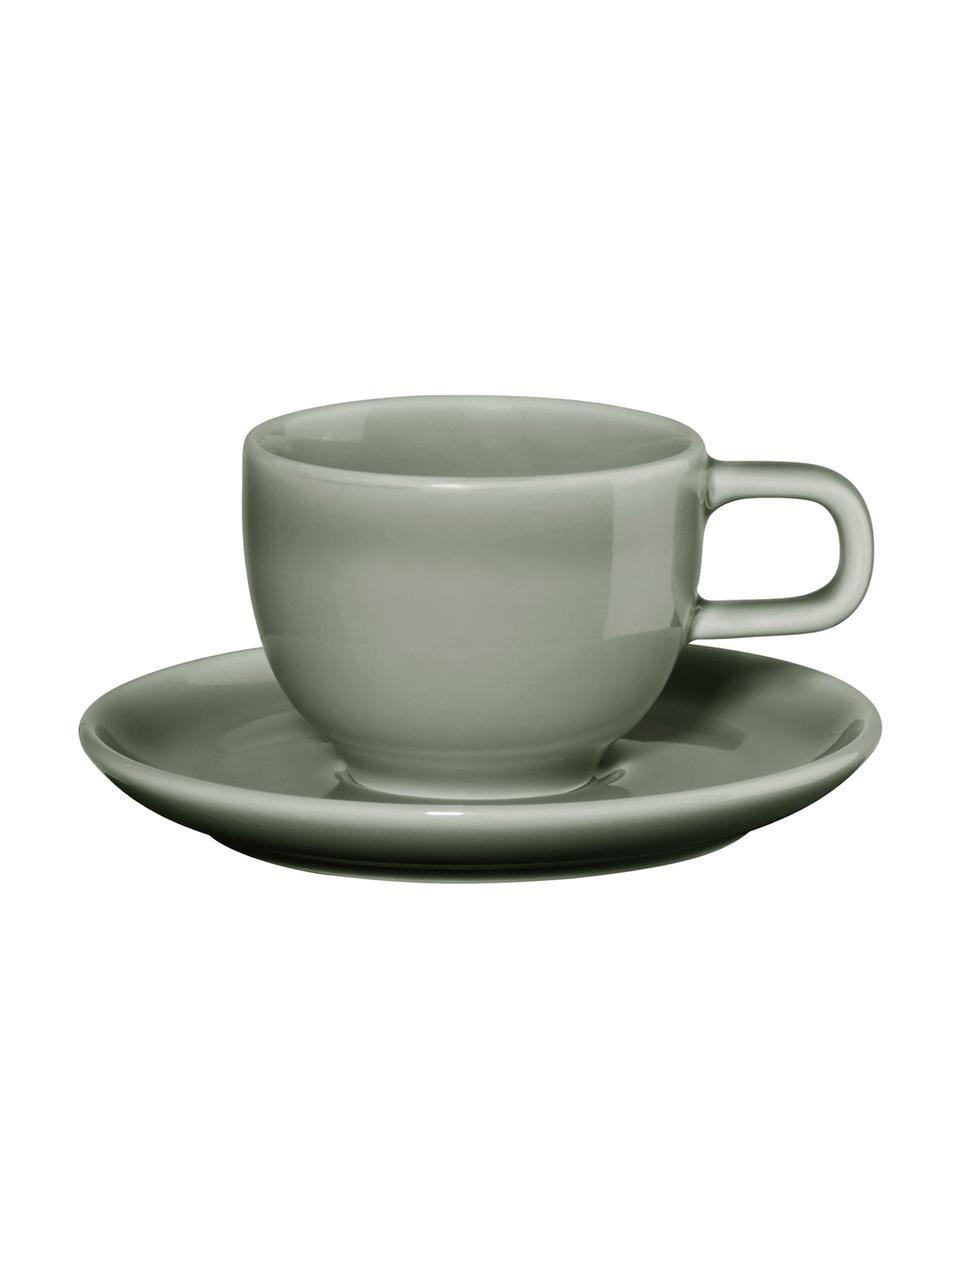 Filiżanka z porcelany do espresso ze spodkiem Kolibri, 6 szt., Porcelana, Szary, Ø 6 x W 6 cm